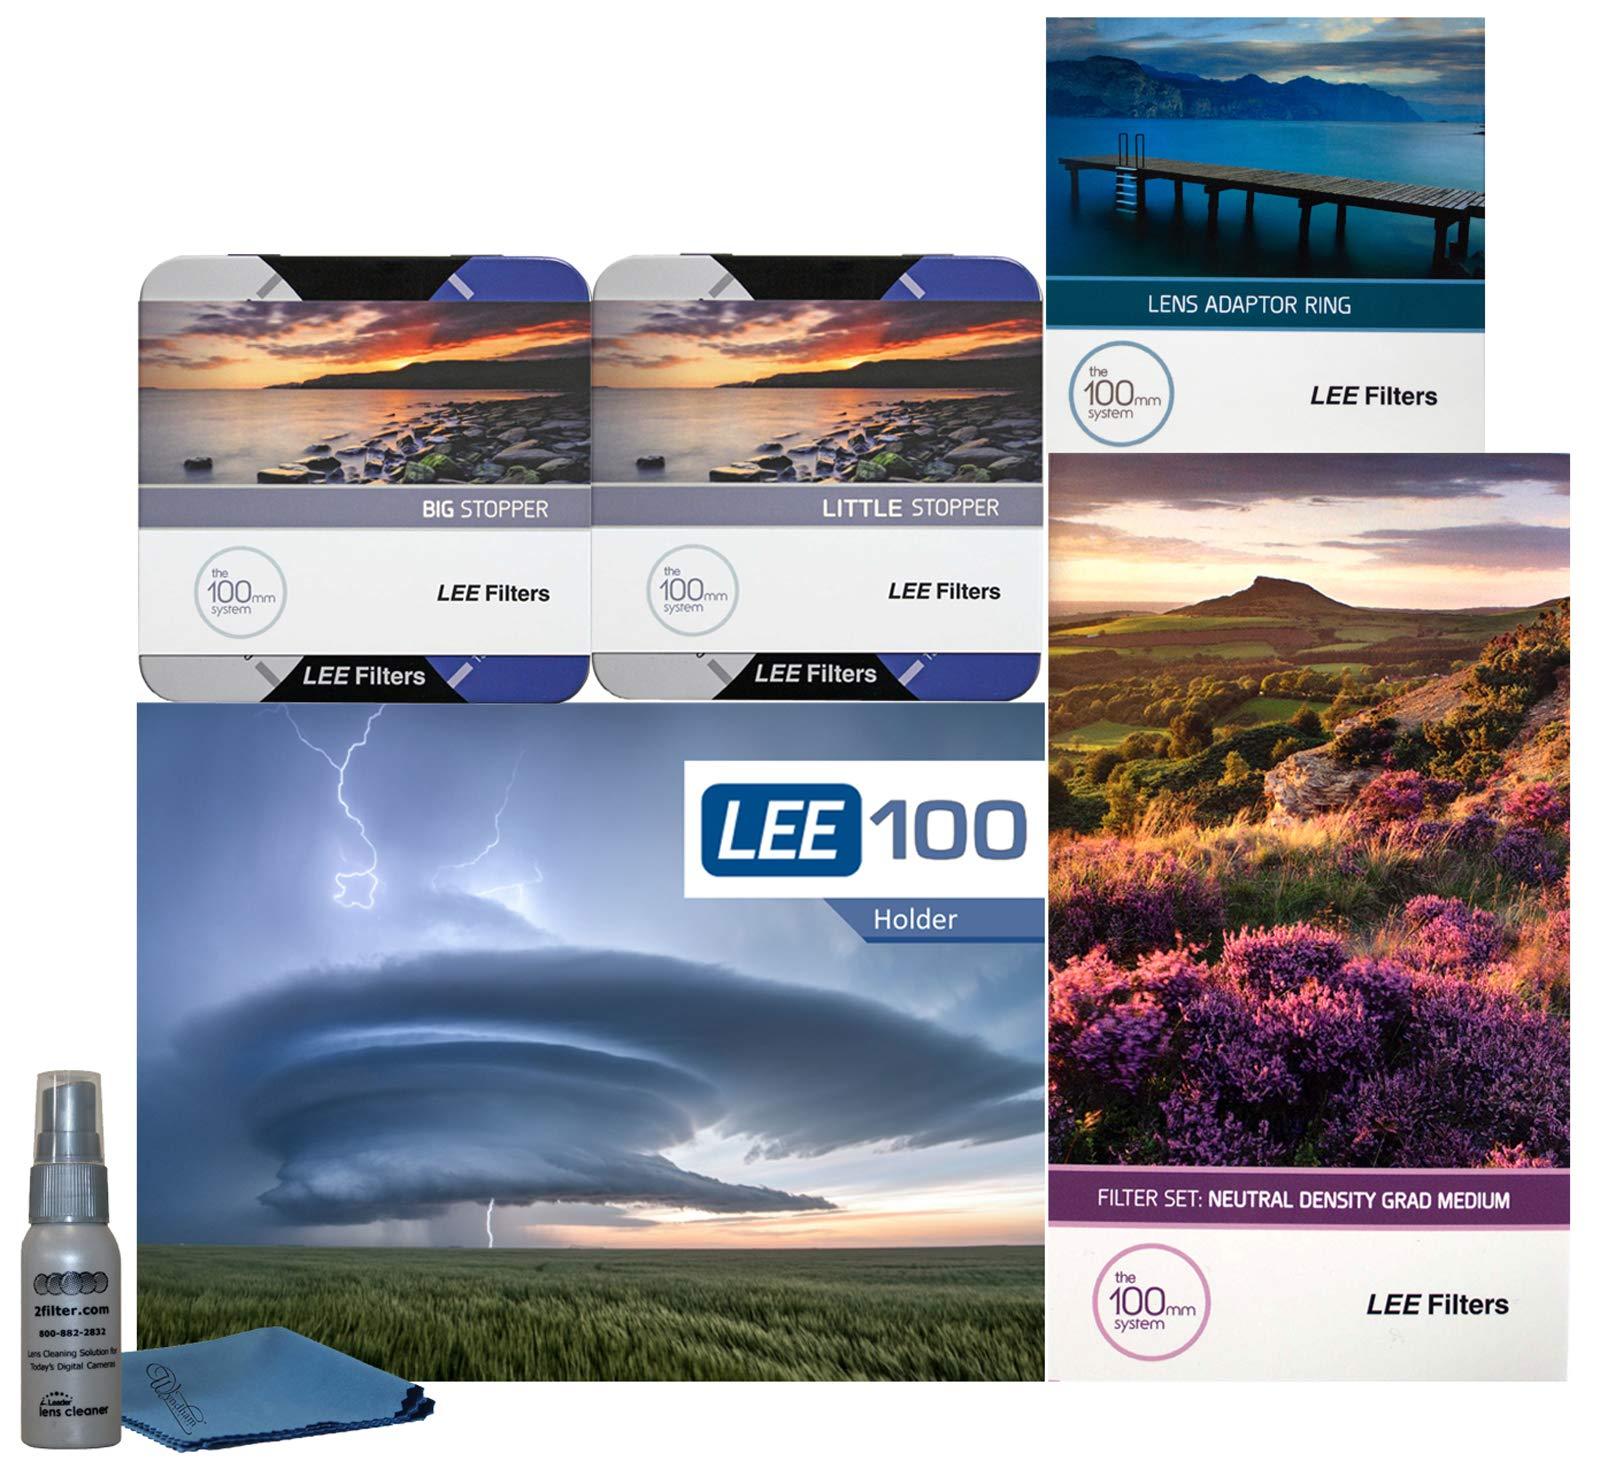 Lee Filters 75x90mm Seven5 Big Stopper 3.0 Neutral Density Filter